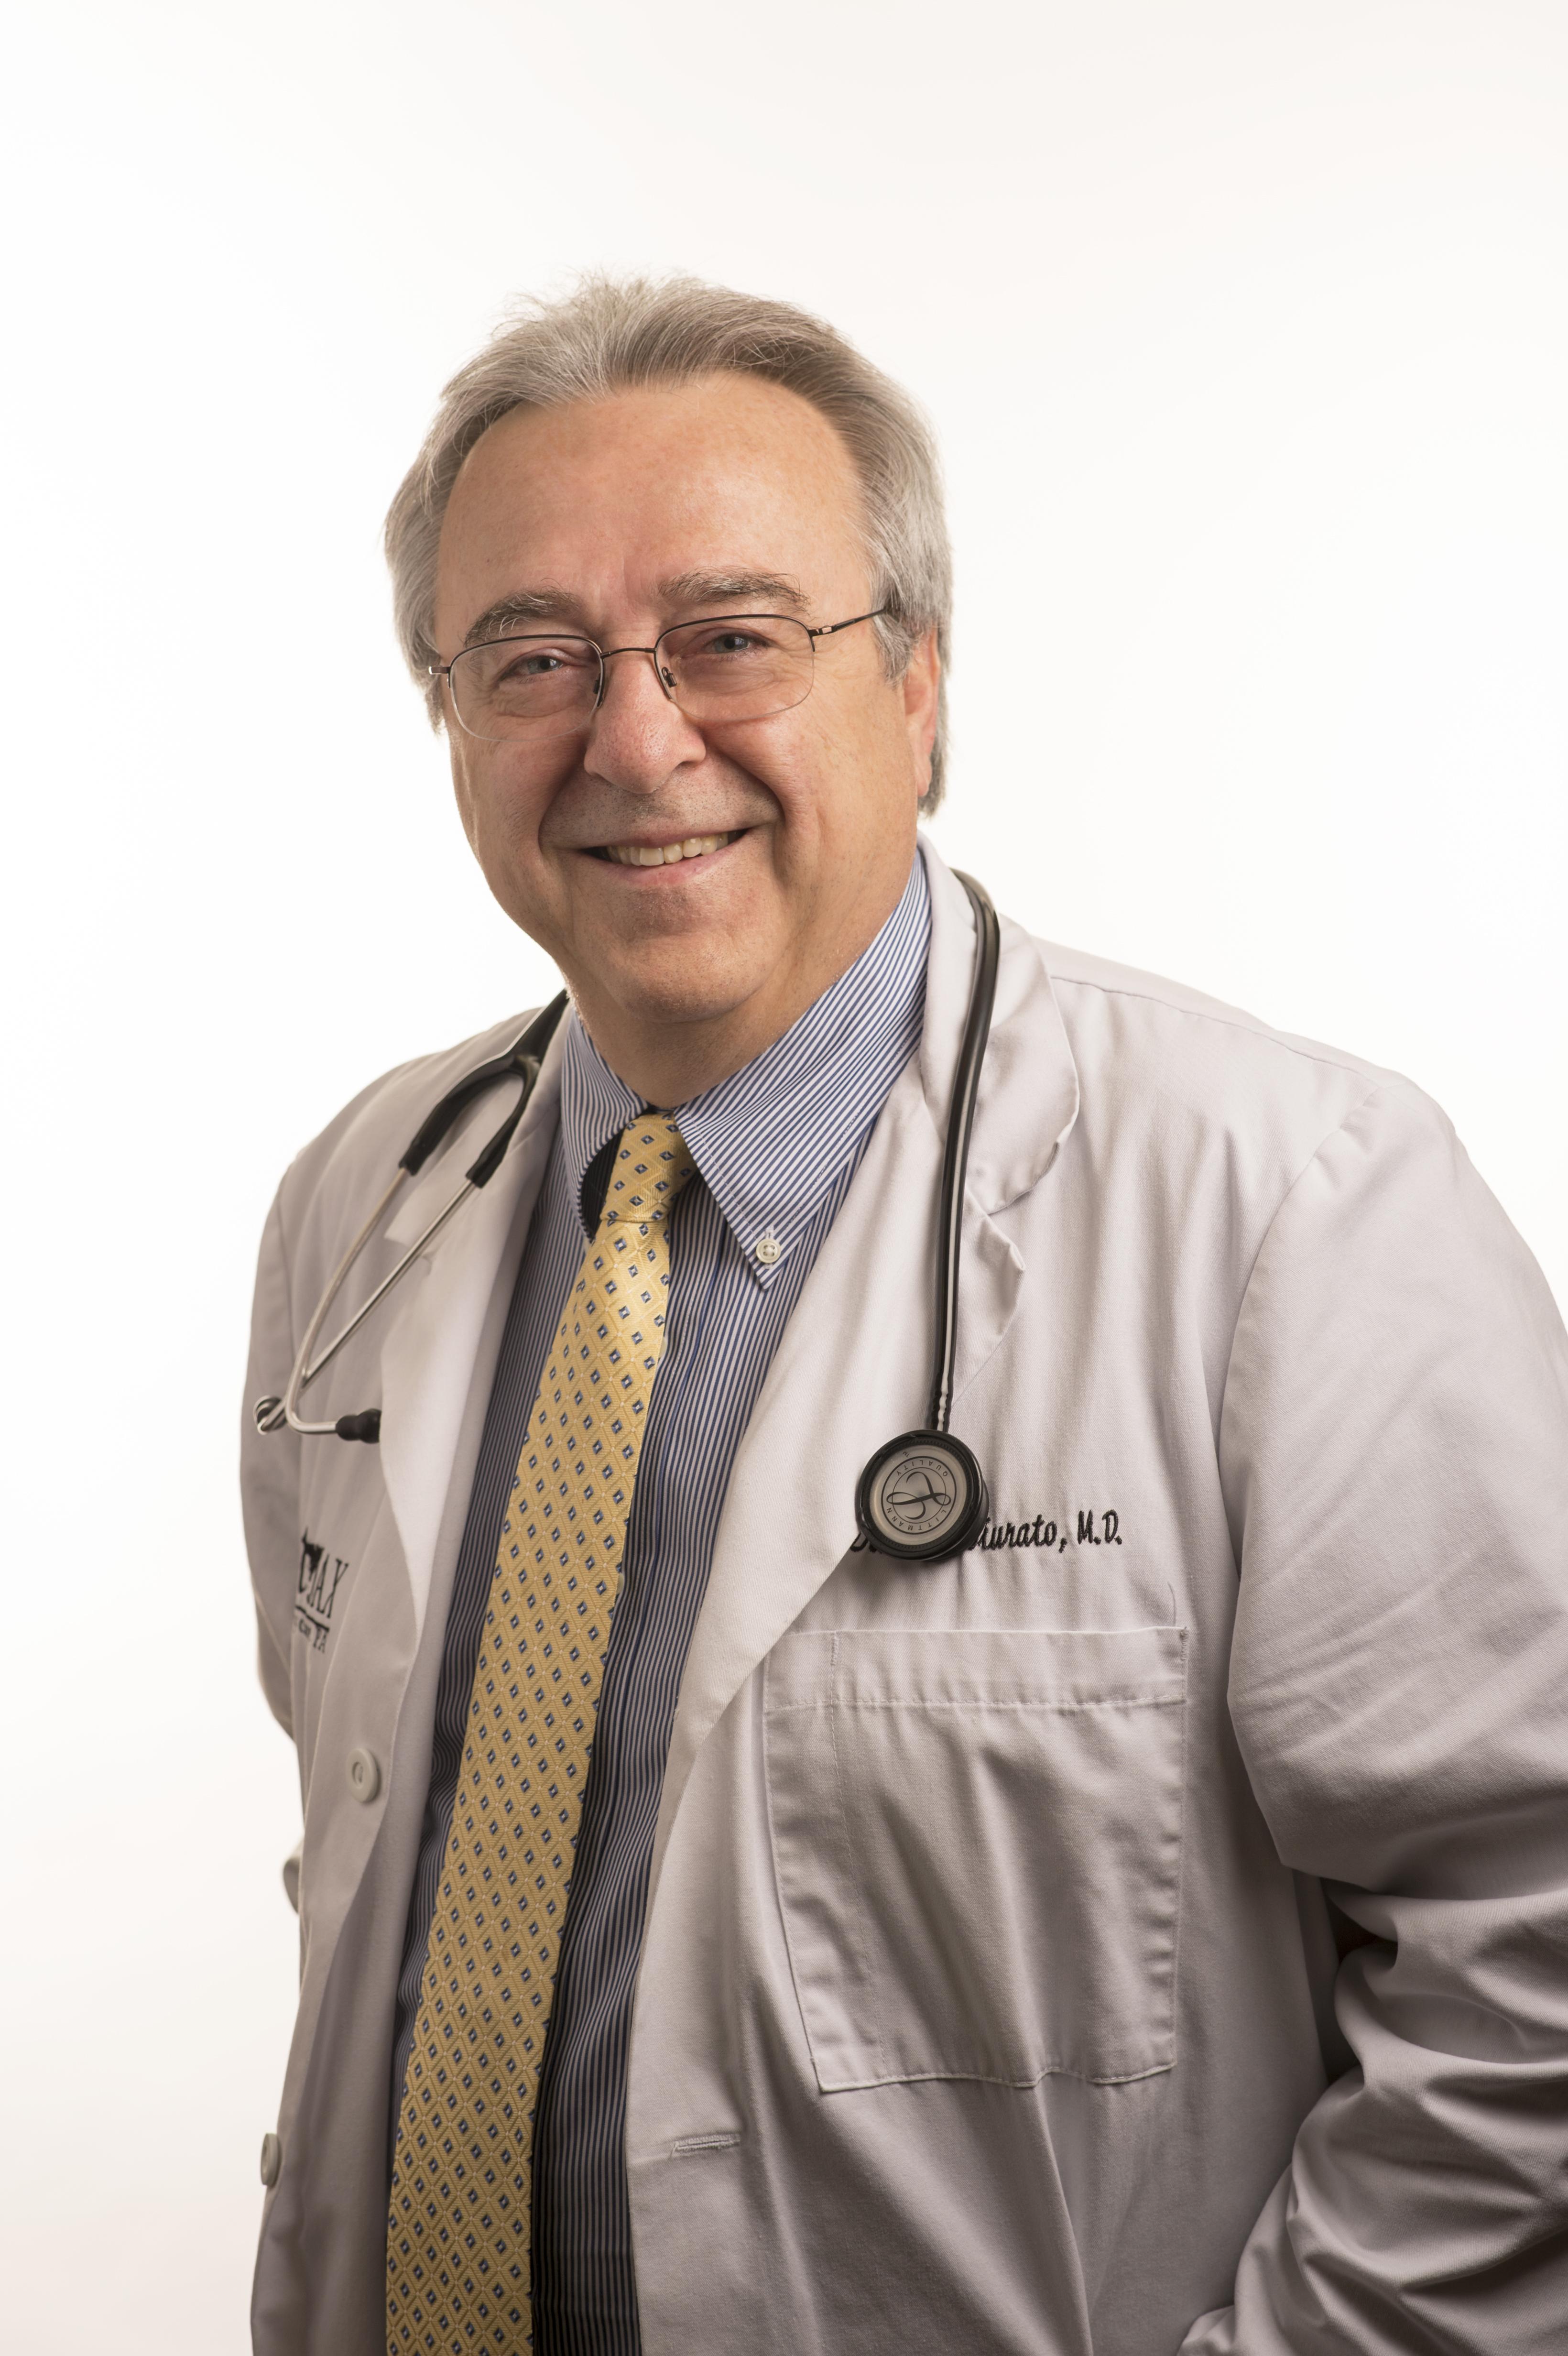 Gerald Giurato, MD